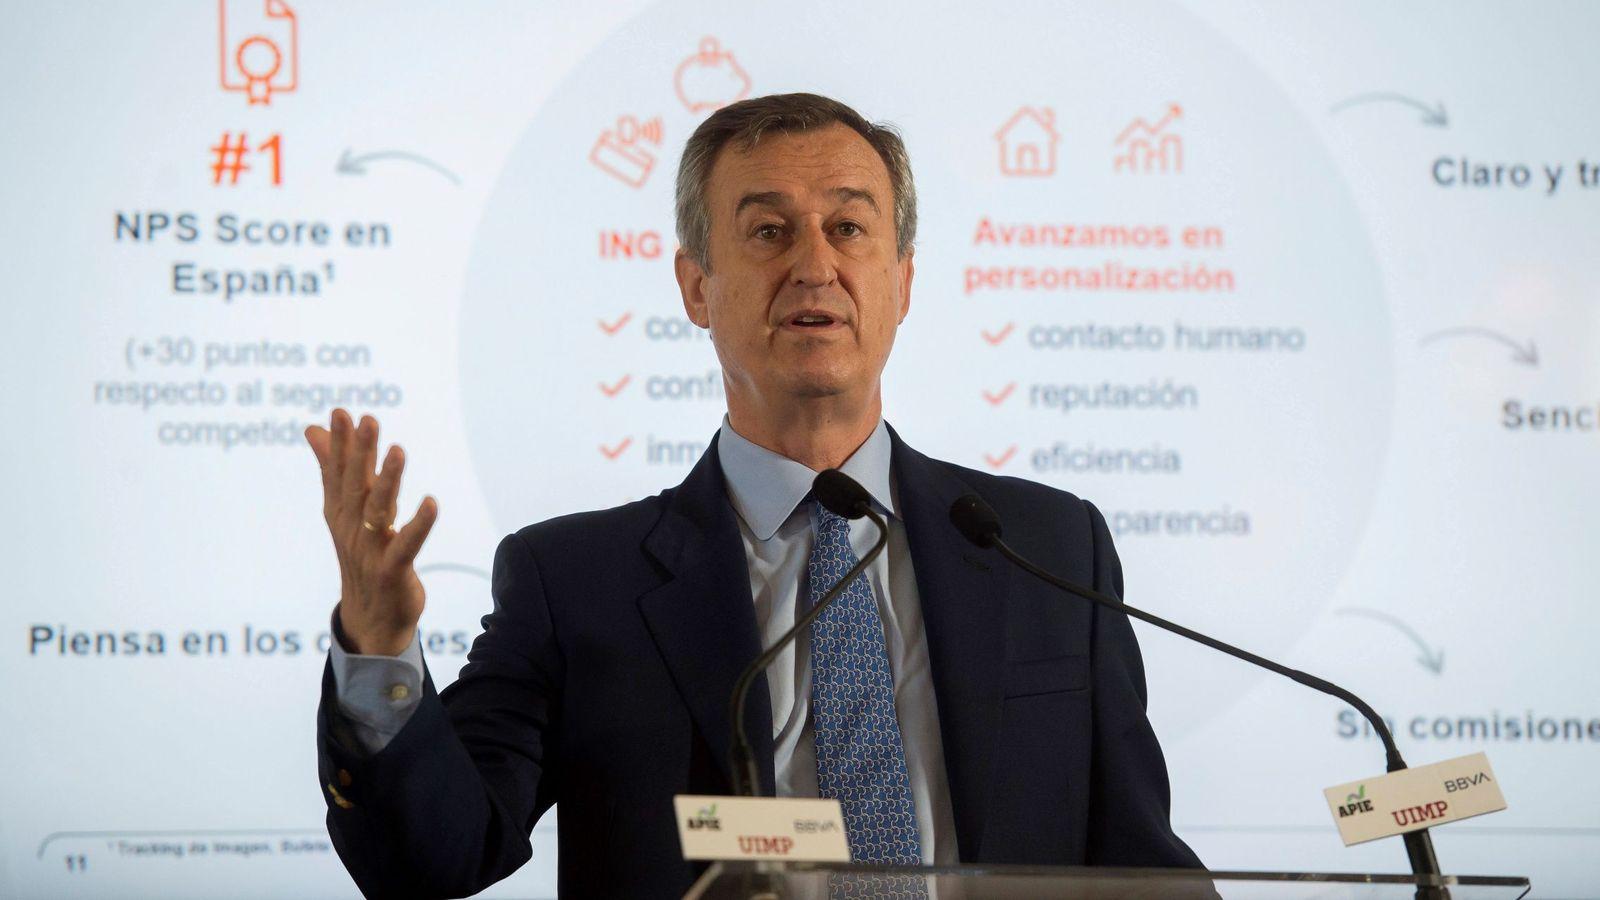 Foto: César González Bueno, presidente de ING España. (Efe)